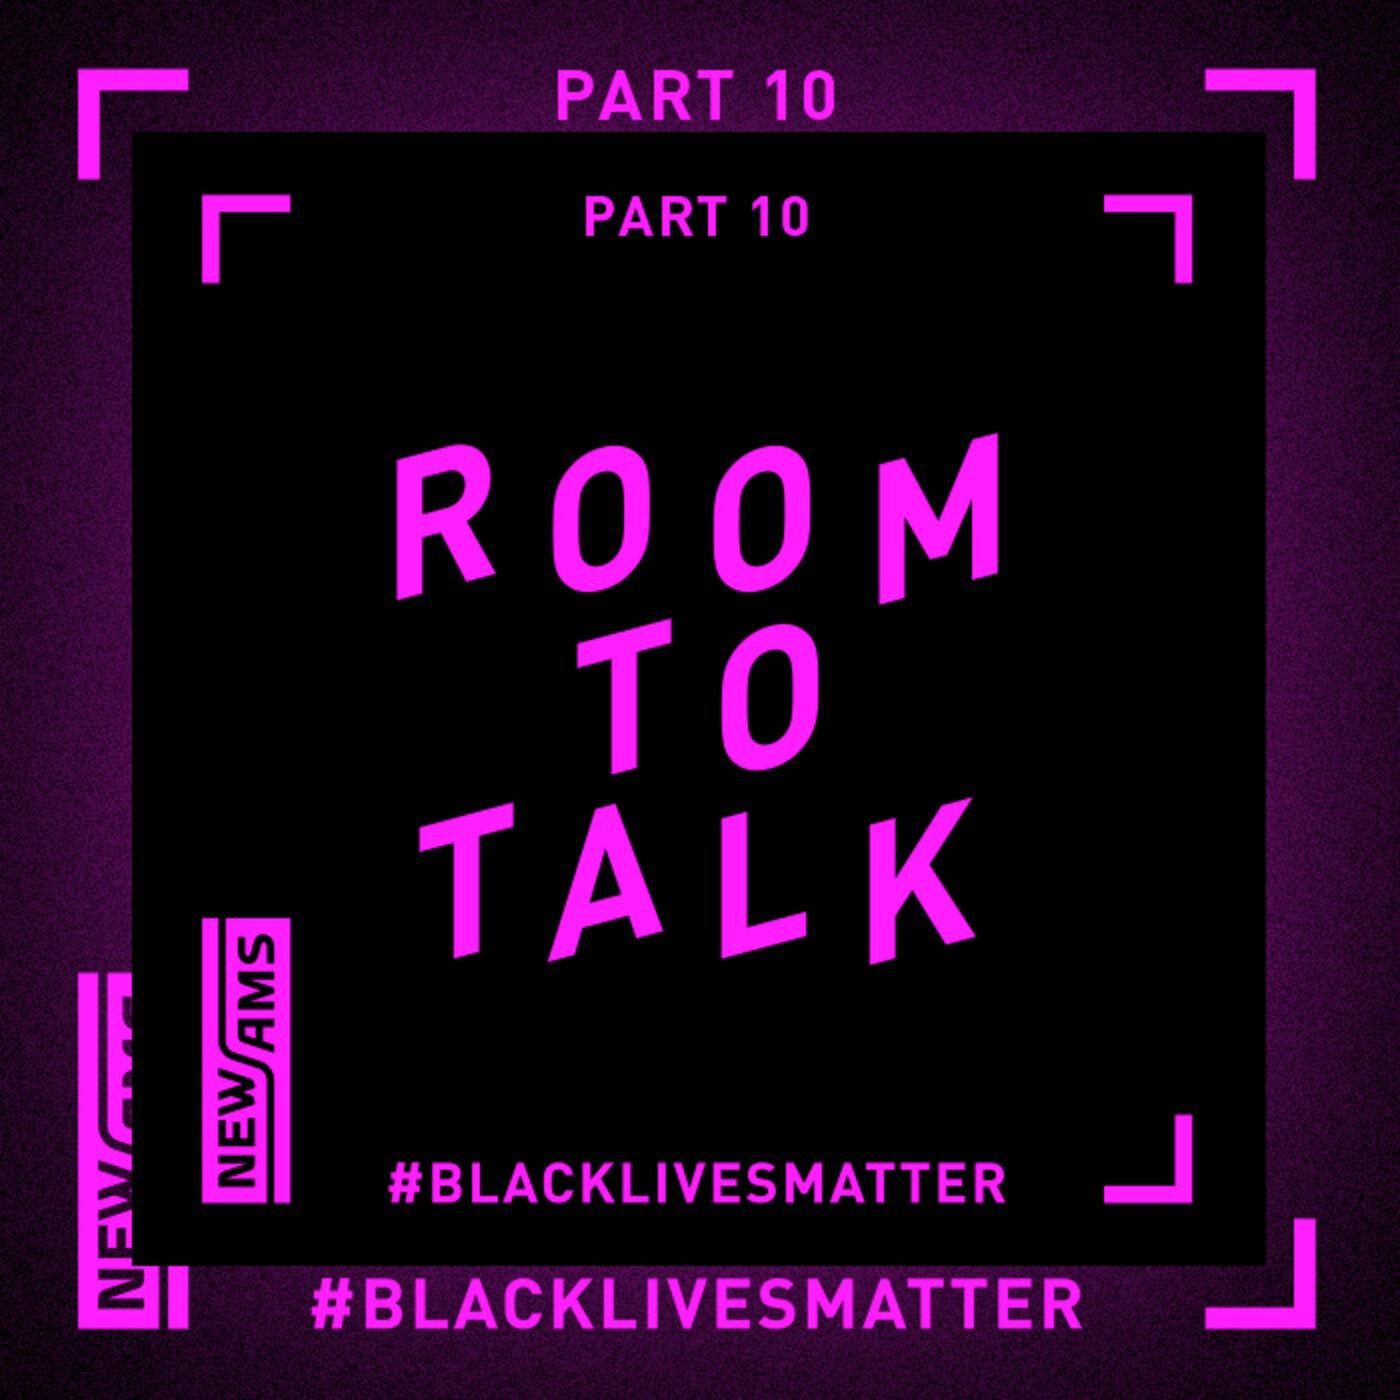 Room to Talk: Black Lives Matter Part 10